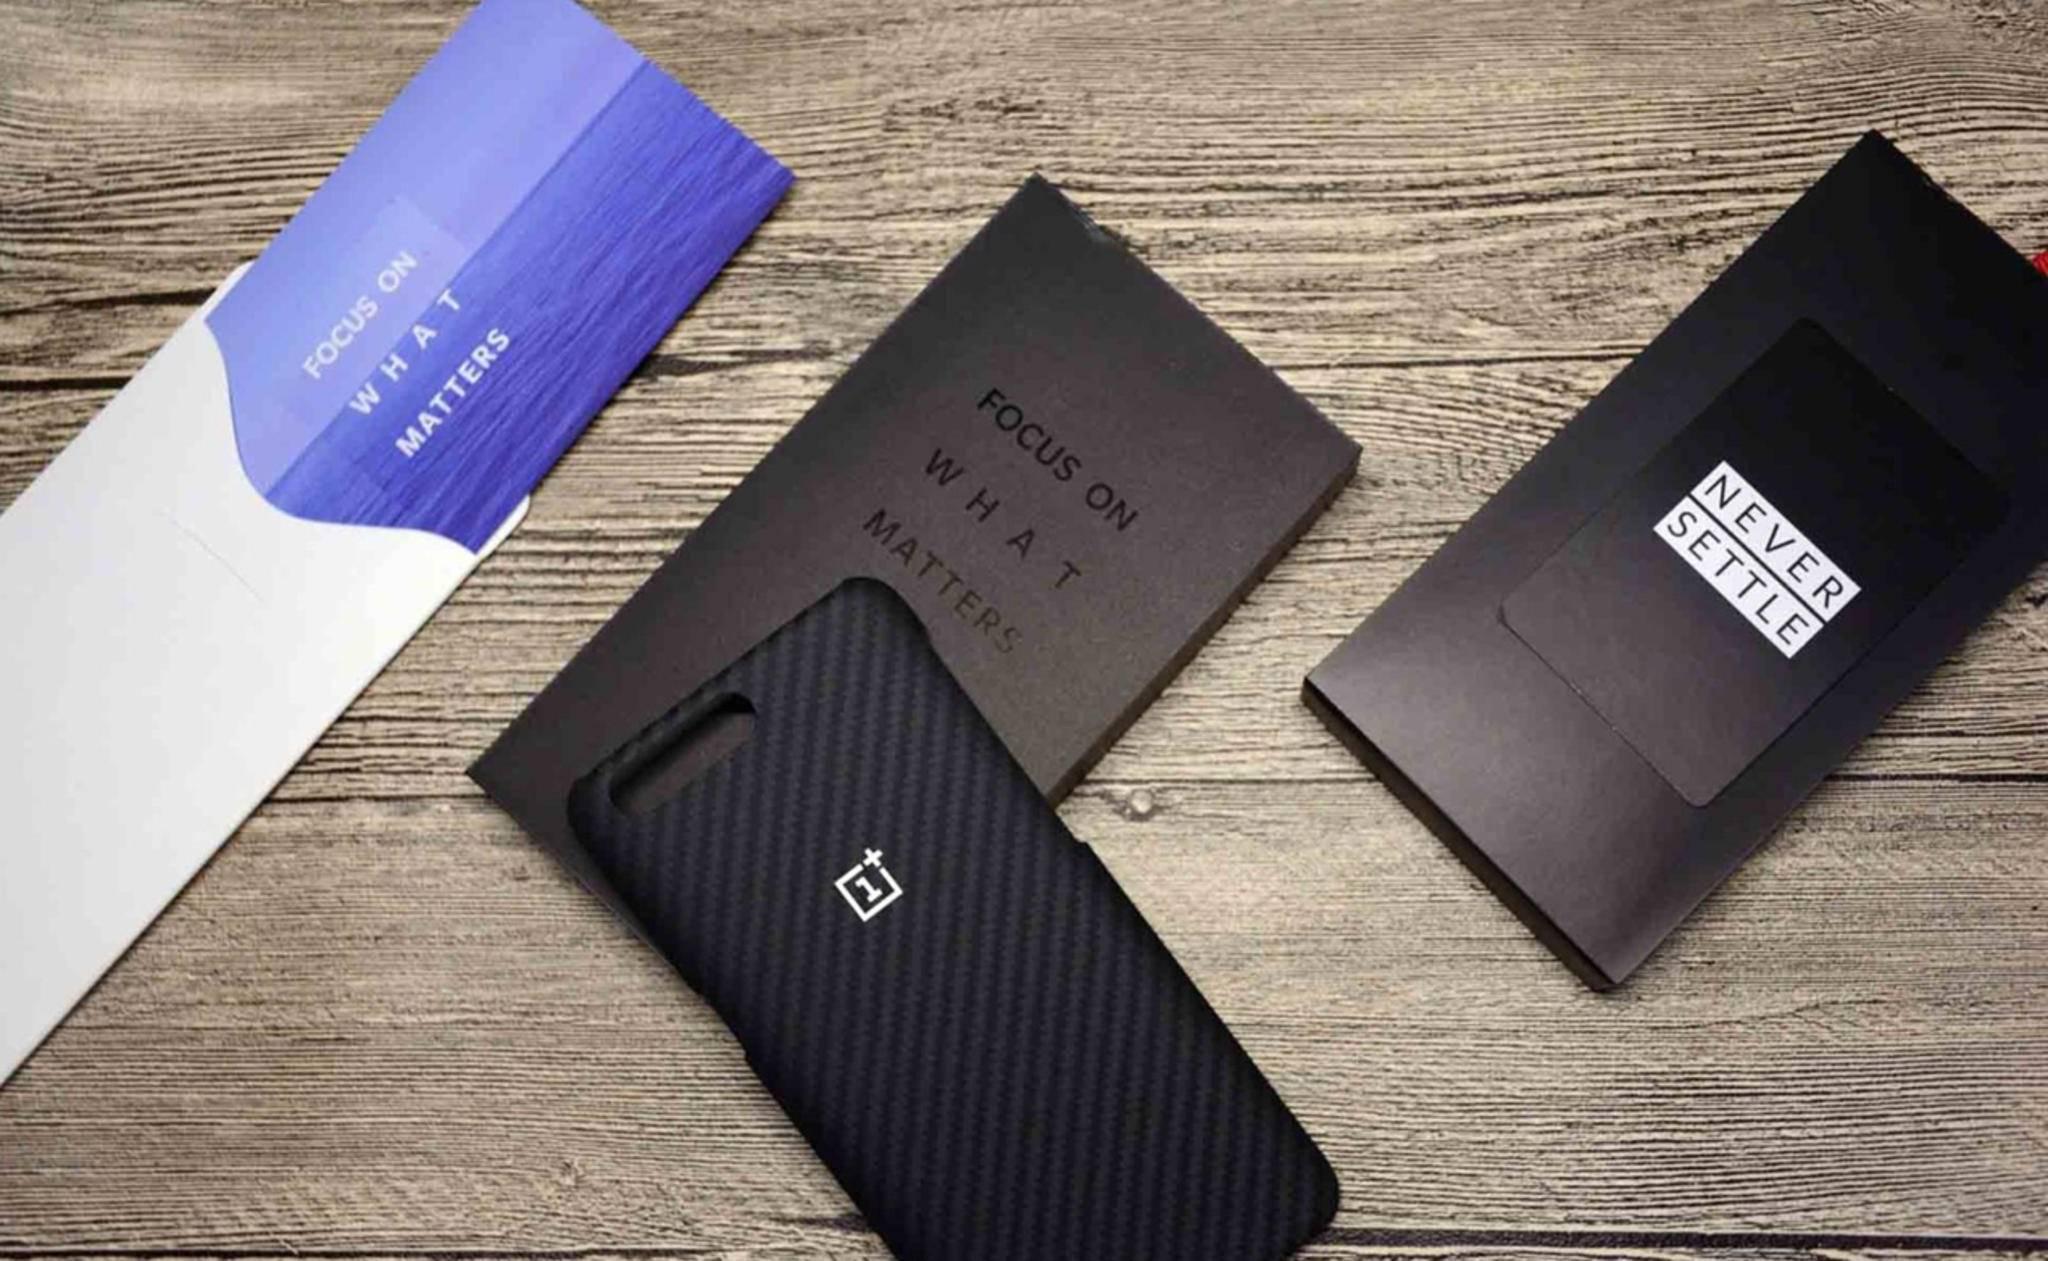 Mit dem OnePlus 5 präsentiert der Hersteller in Kürze sein neues Flaggschiff mit Dual-Kamera.